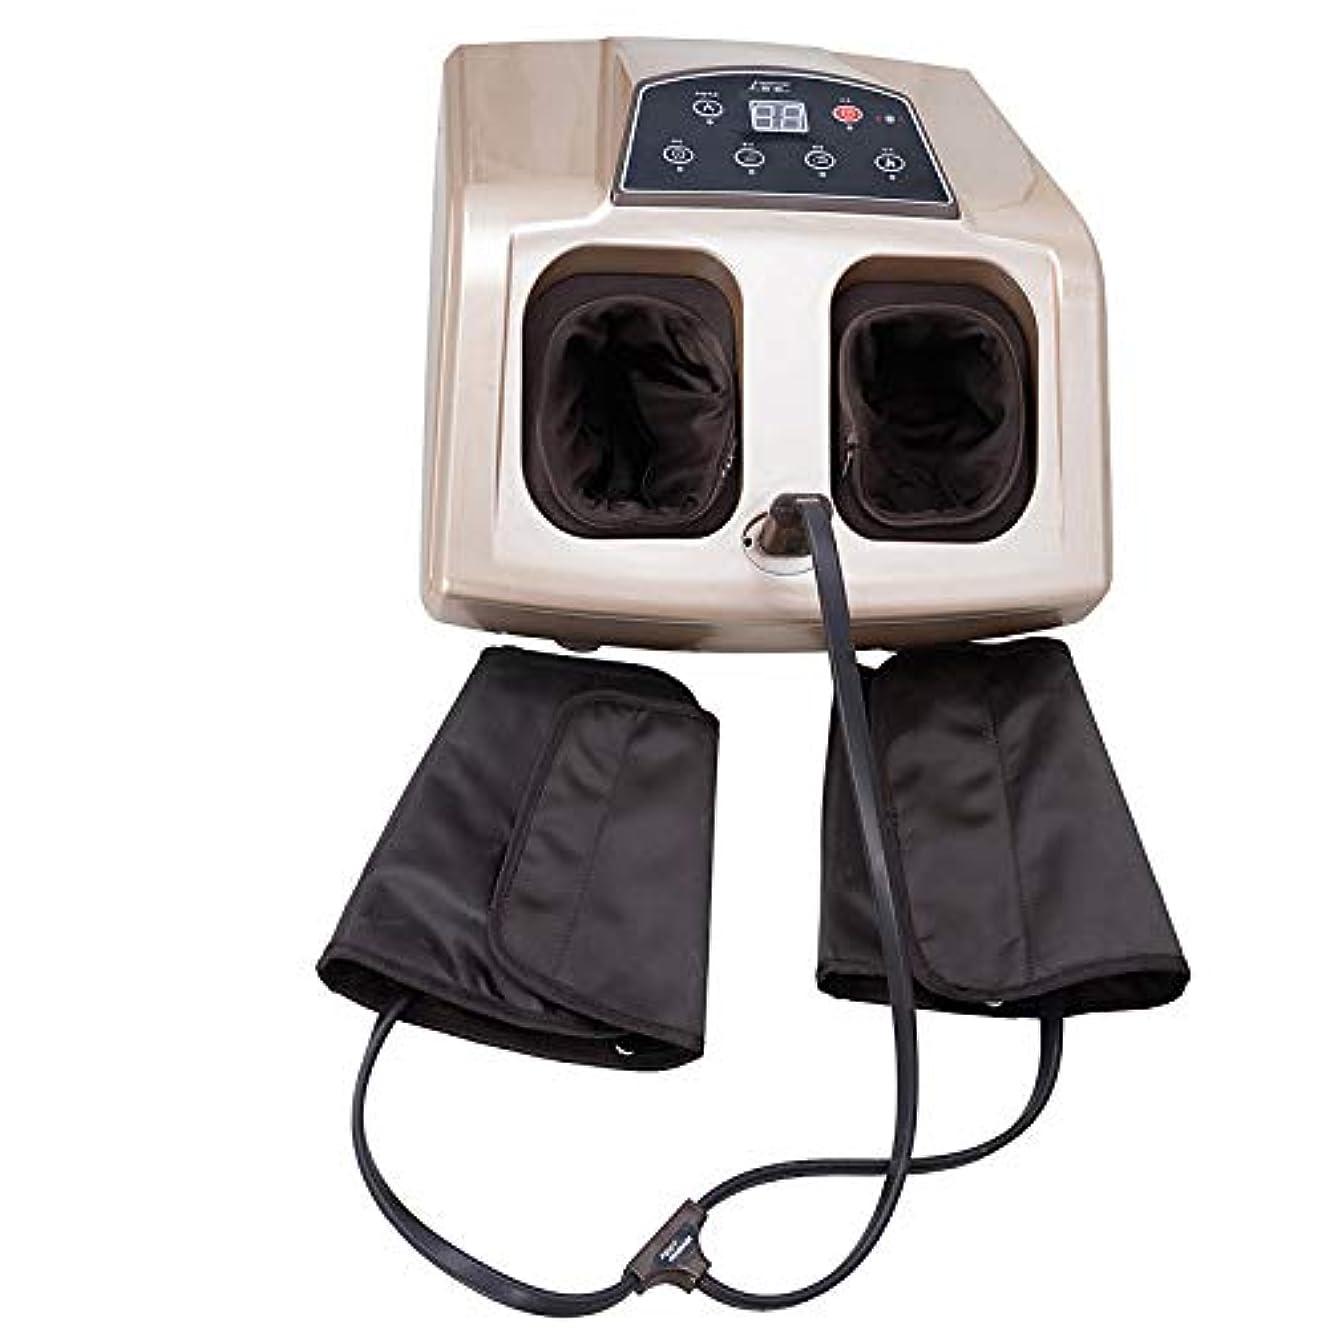 リーガン吐く空いている電動ディープニーディングマッサージャー、指圧フットマッサージャーマシン、エアコンプレッション、ディープニーディング、ローリング、スクレイピング、指圧、熱、リモートコントロールおよびレッグエアバッグマッサージ